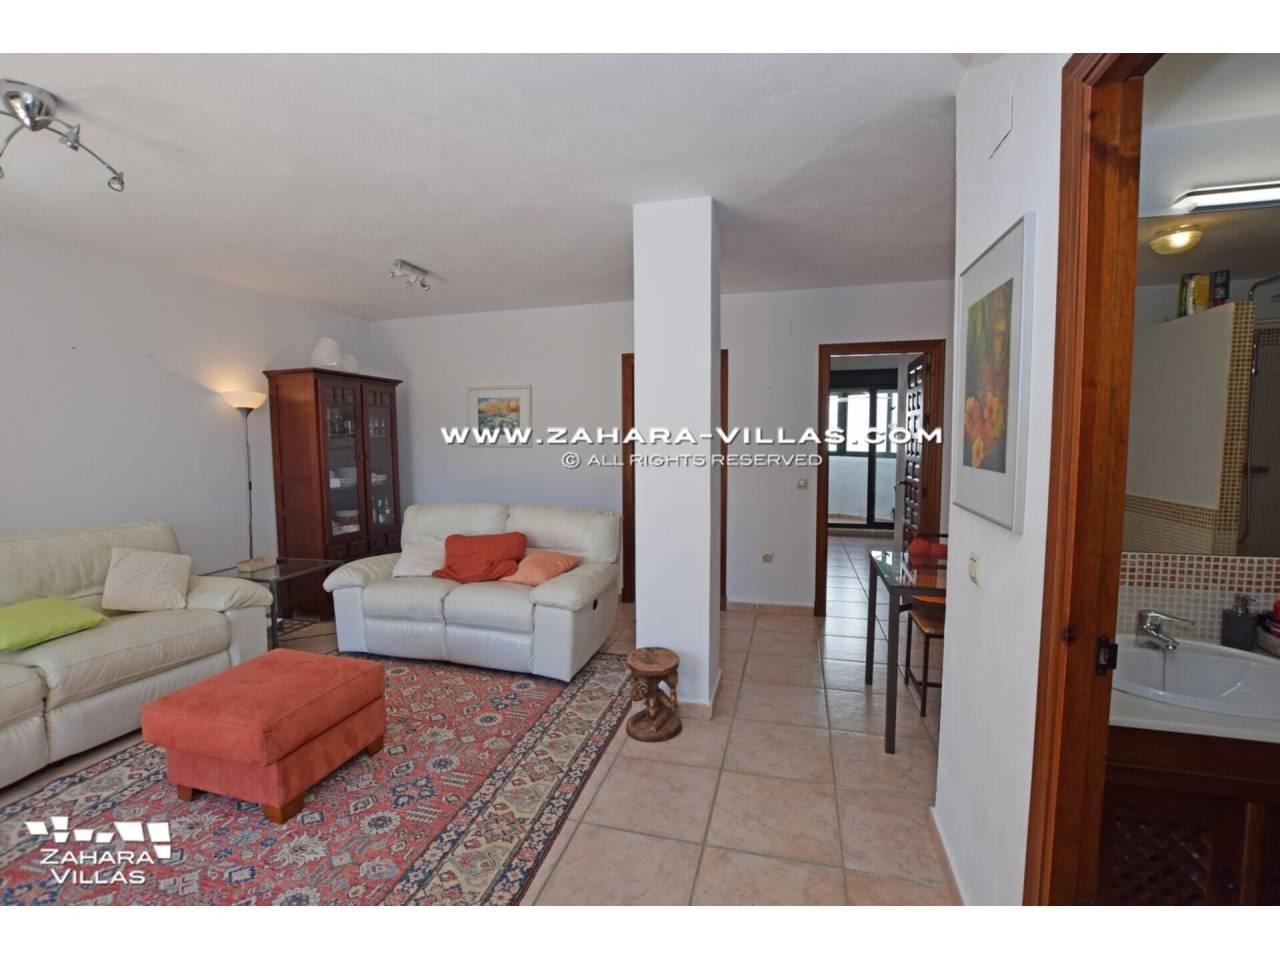 Imagen 16 de Penthouse apartment for sale in Zahara de los Atunes